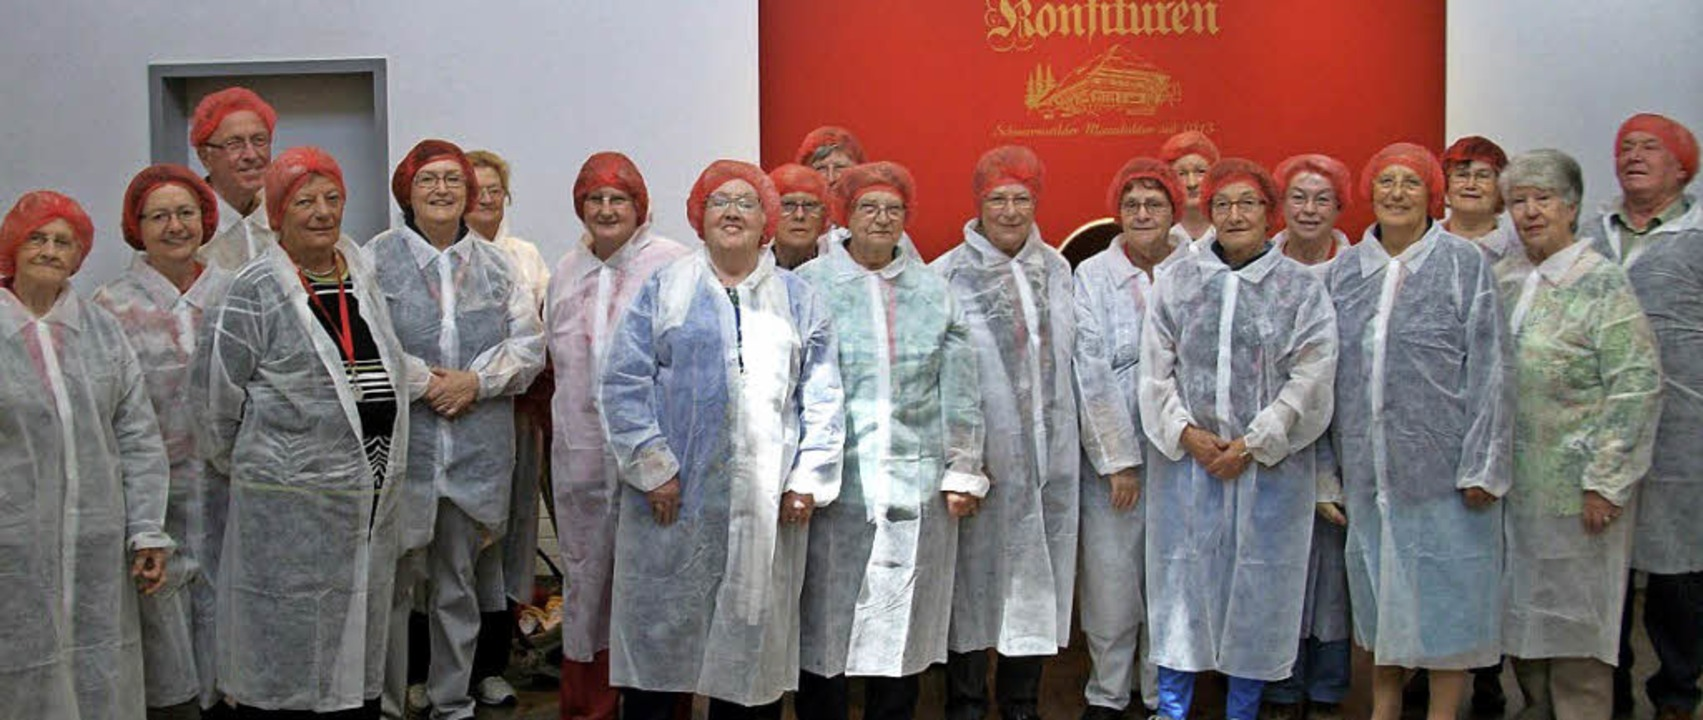 Die AWO-Mitglieder in Hygienekleidung bei der Firma Faller   | Foto: zvg